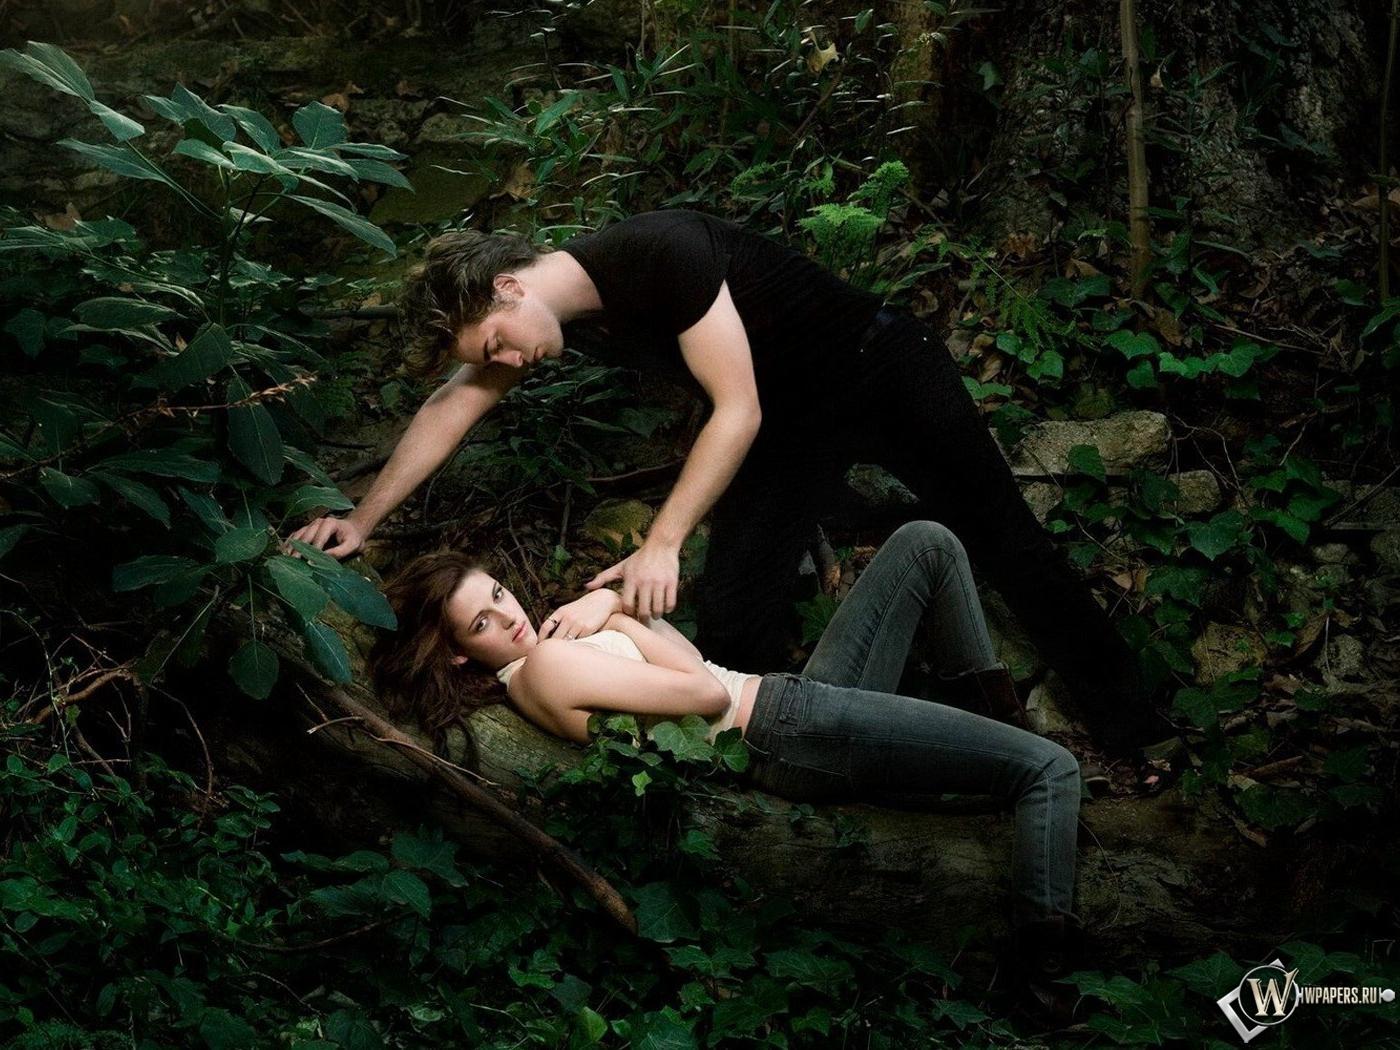 Сами хароши пра секуса филми в лесу 15 фотография